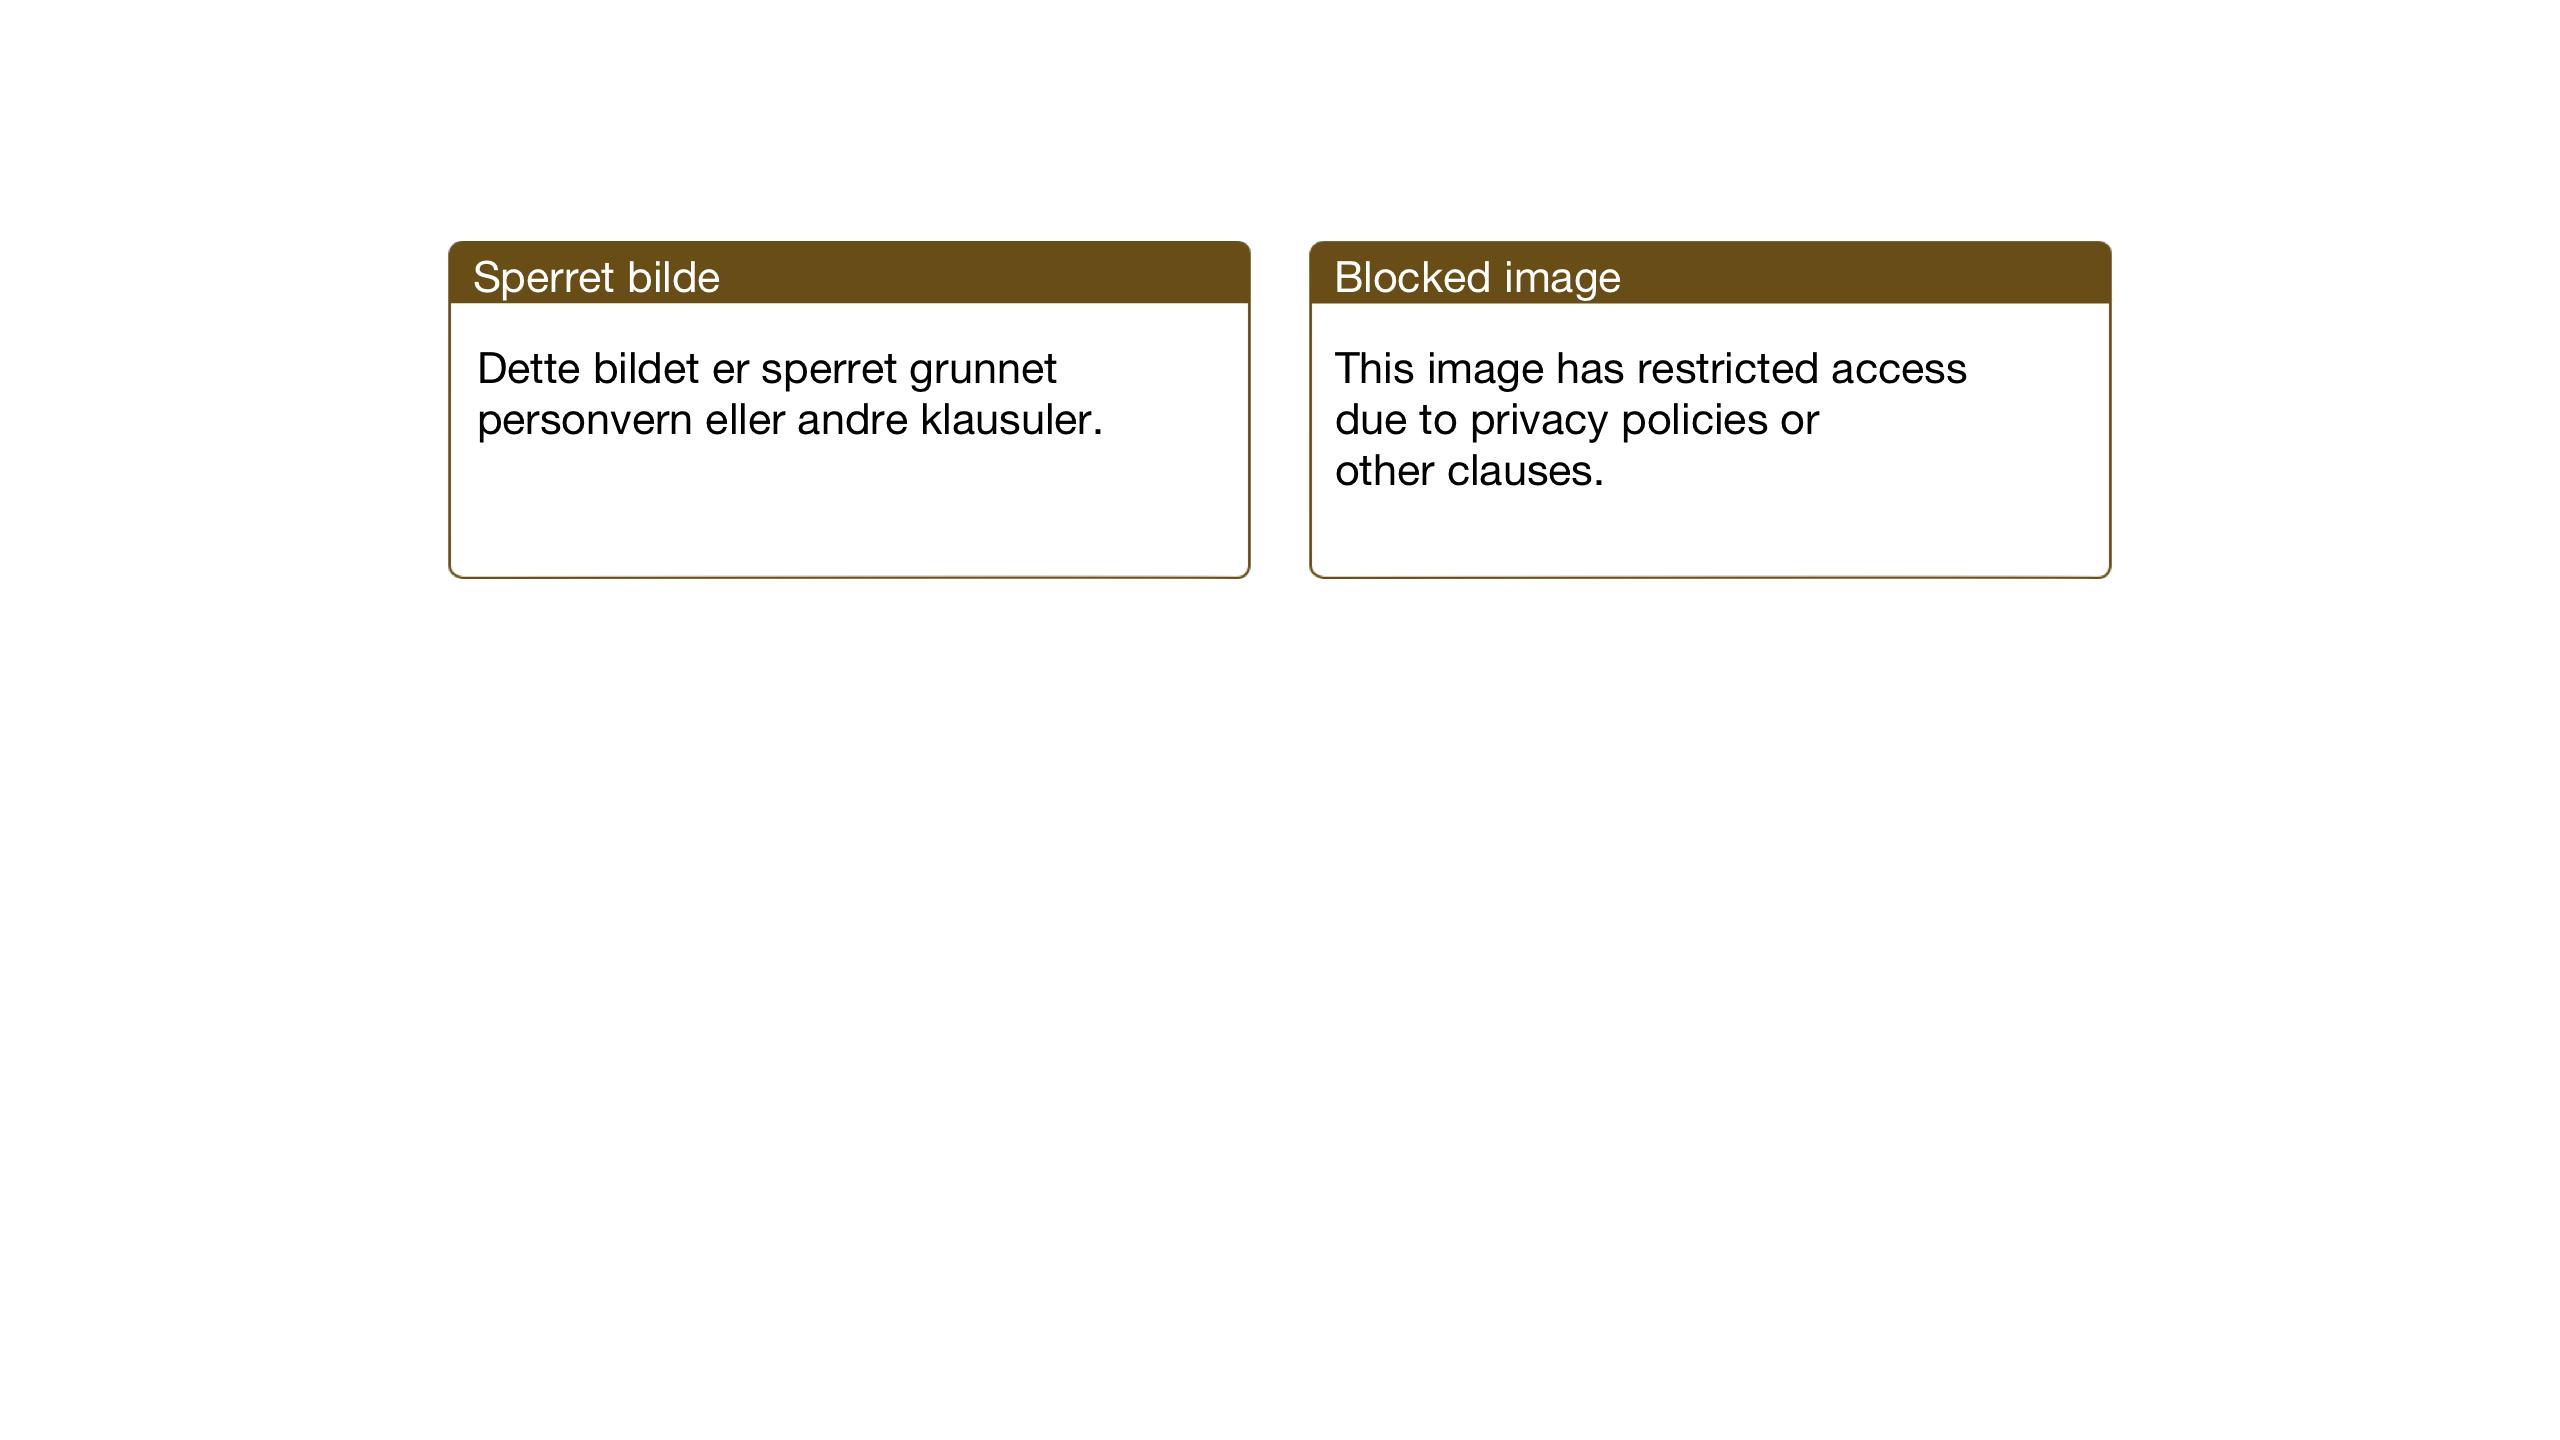 SAT, Ministerialprotokoller, klokkerbøker og fødselsregistre - Sør-Trøndelag, 698/L1169: Klokkerbok nr. 698C06, 1930-1949, s. 83